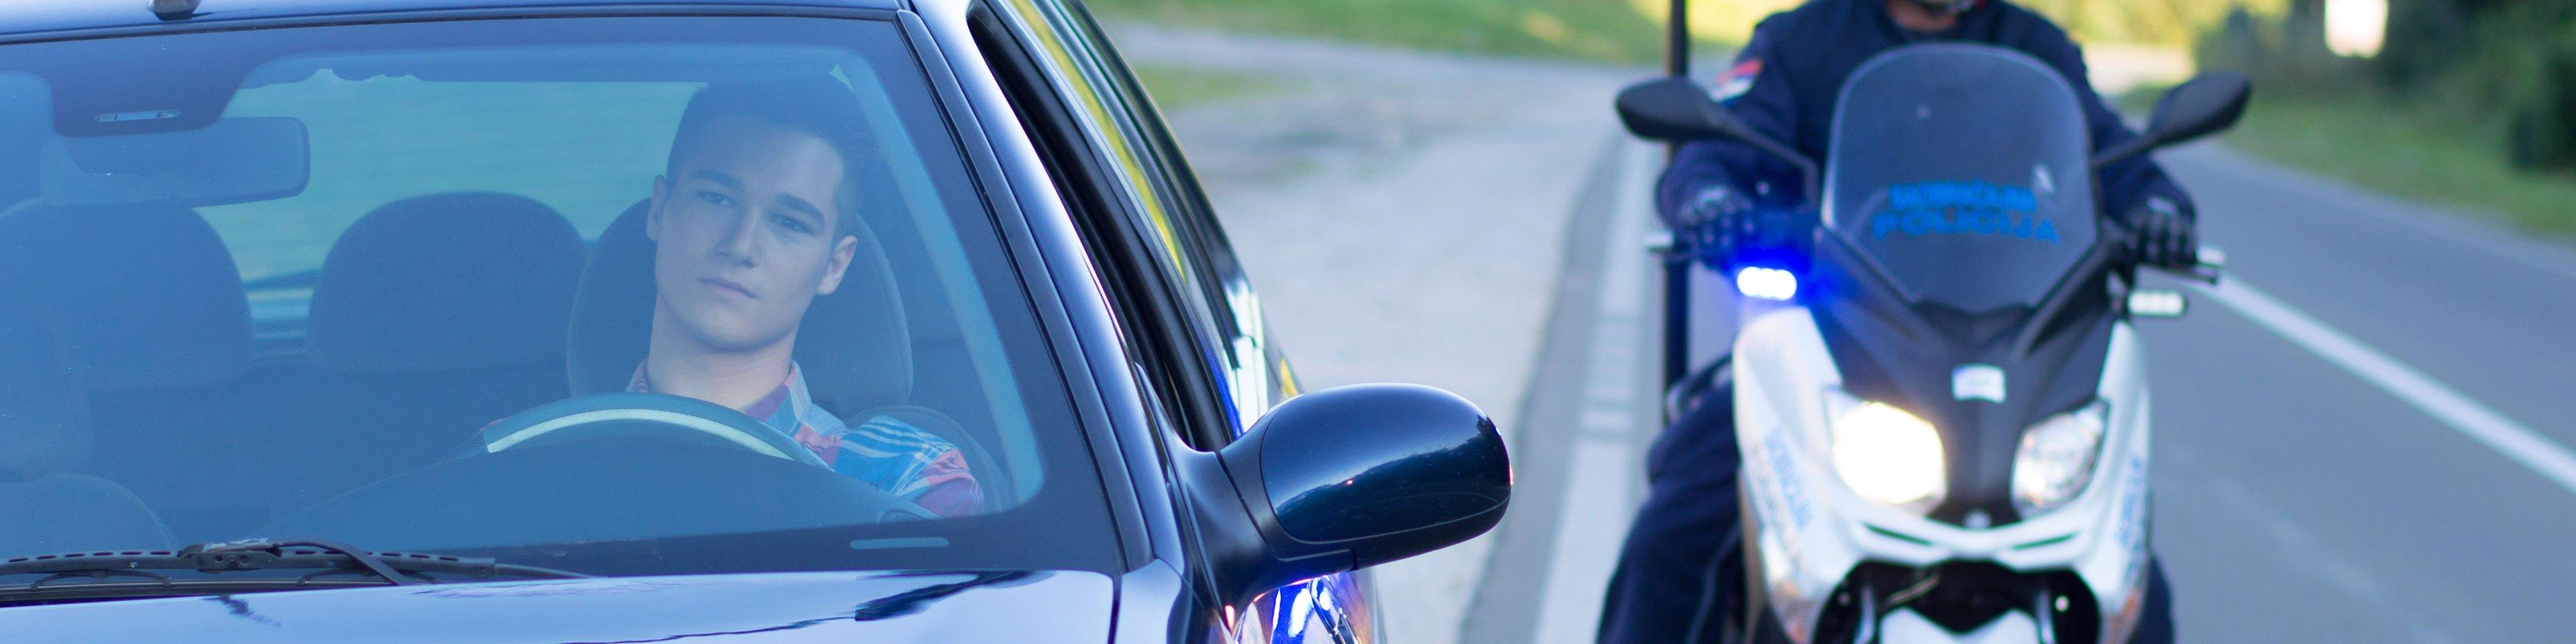 Verkehrsrecht-2104-OS-3840x960